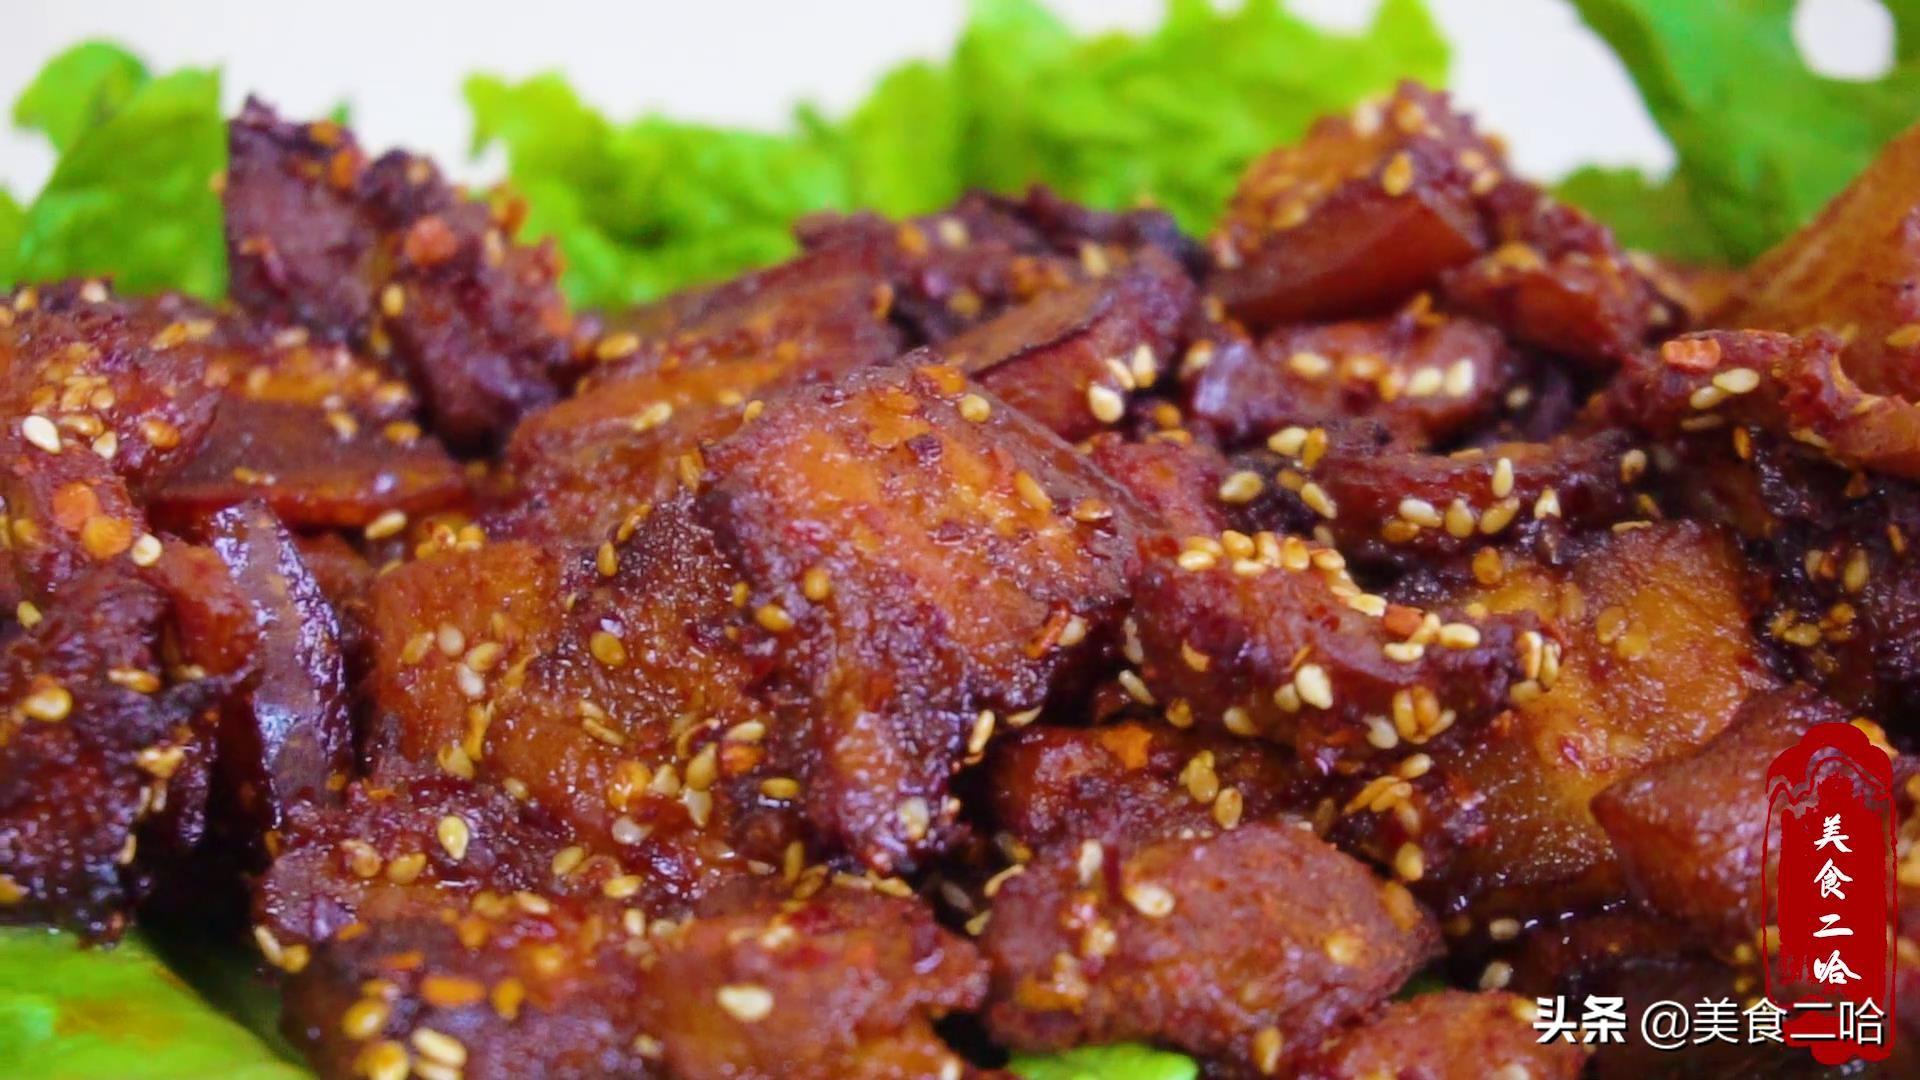 在家轻松做烤肉,选对腌料很关键,酥香扑鼻不油不腻,吃起来真香